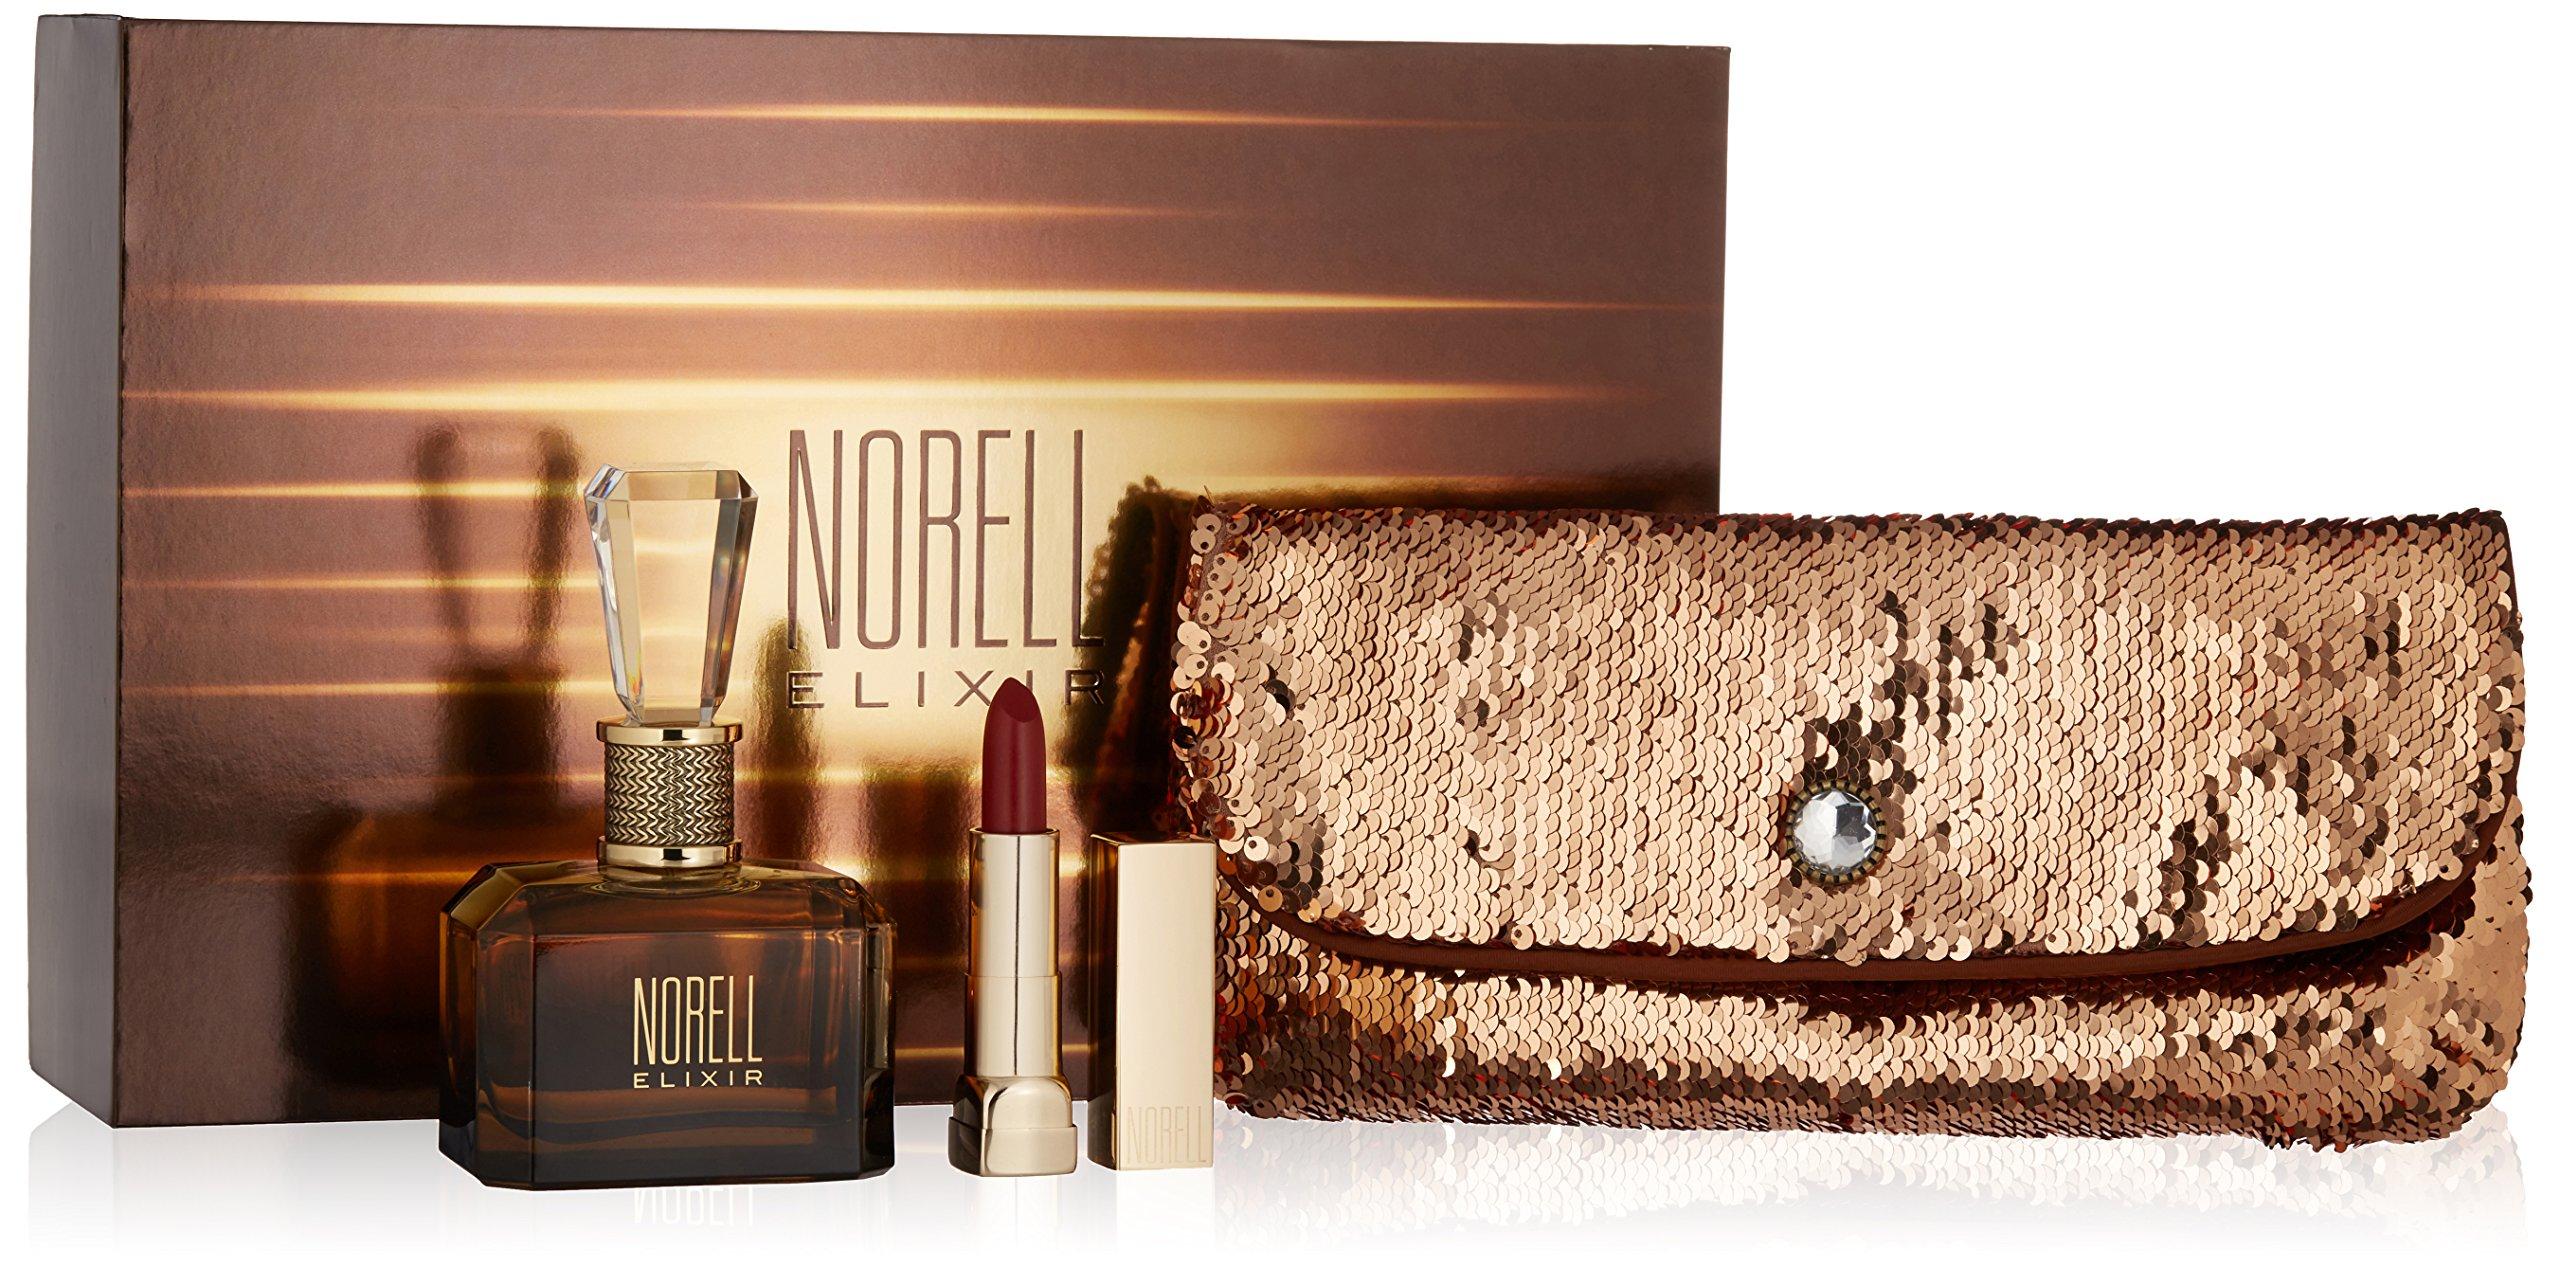 Norell Elixir Gift Set